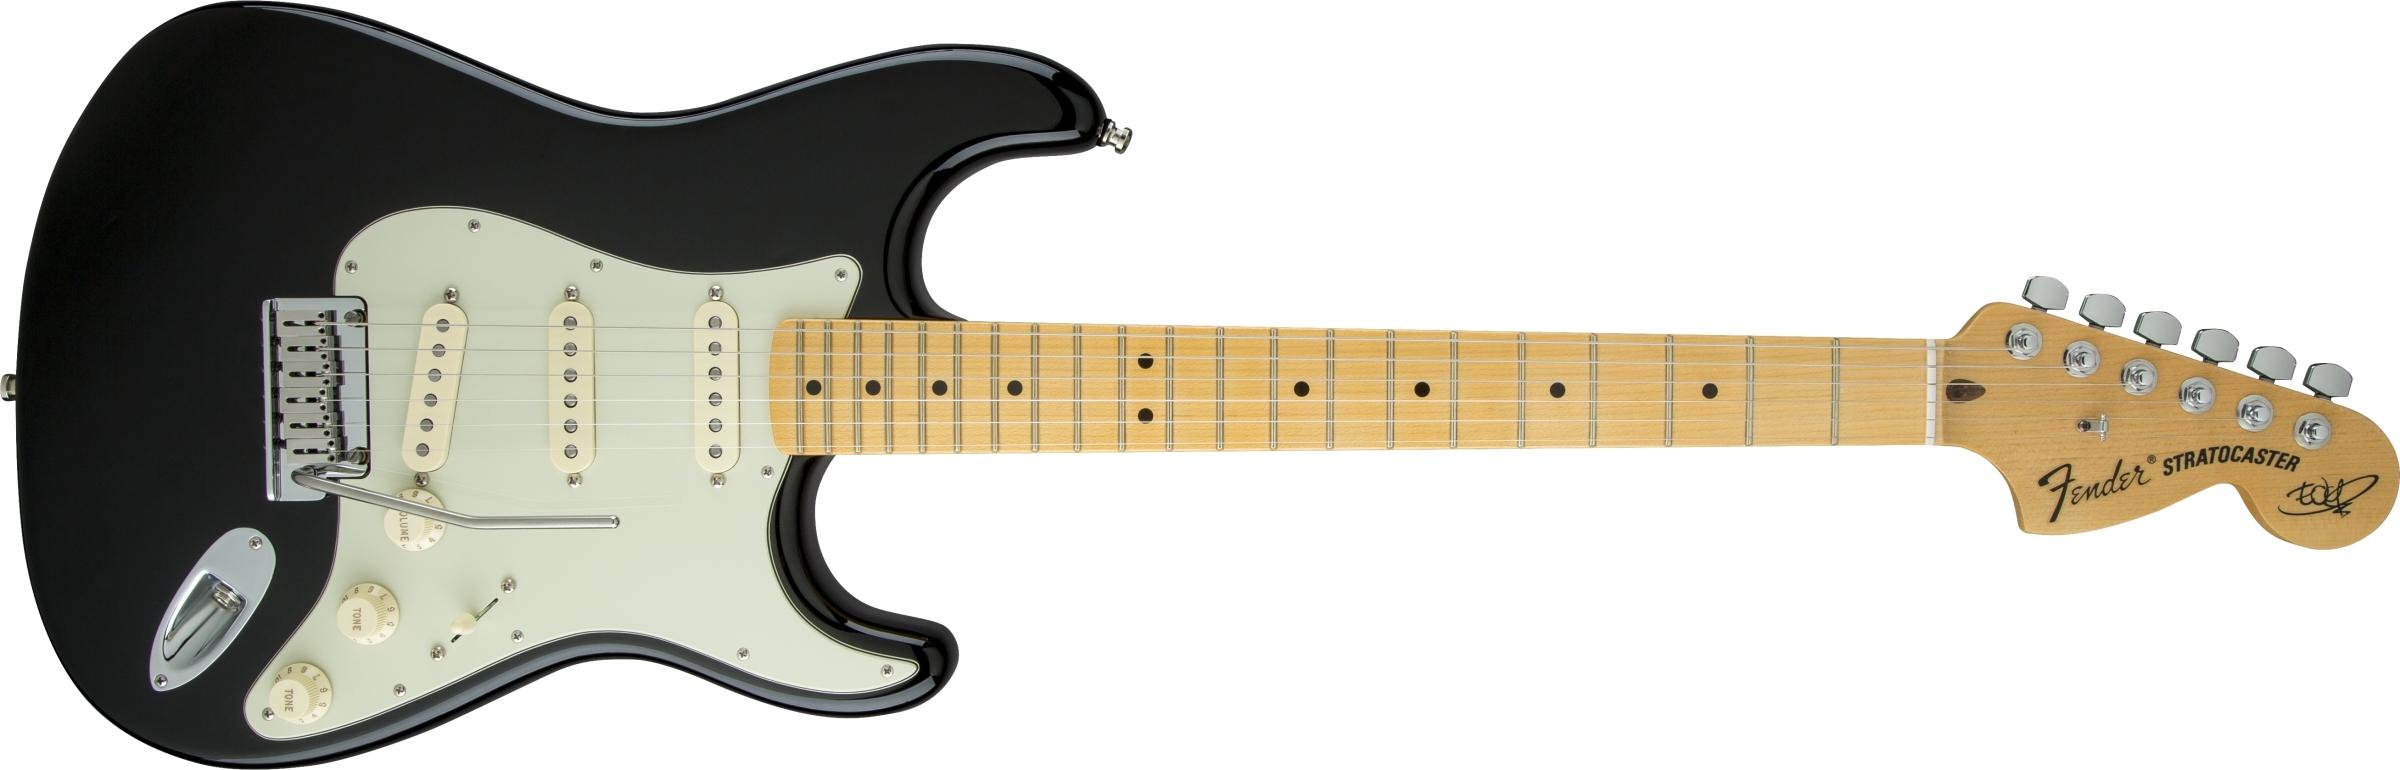 Fender Japan ストラトキャスター